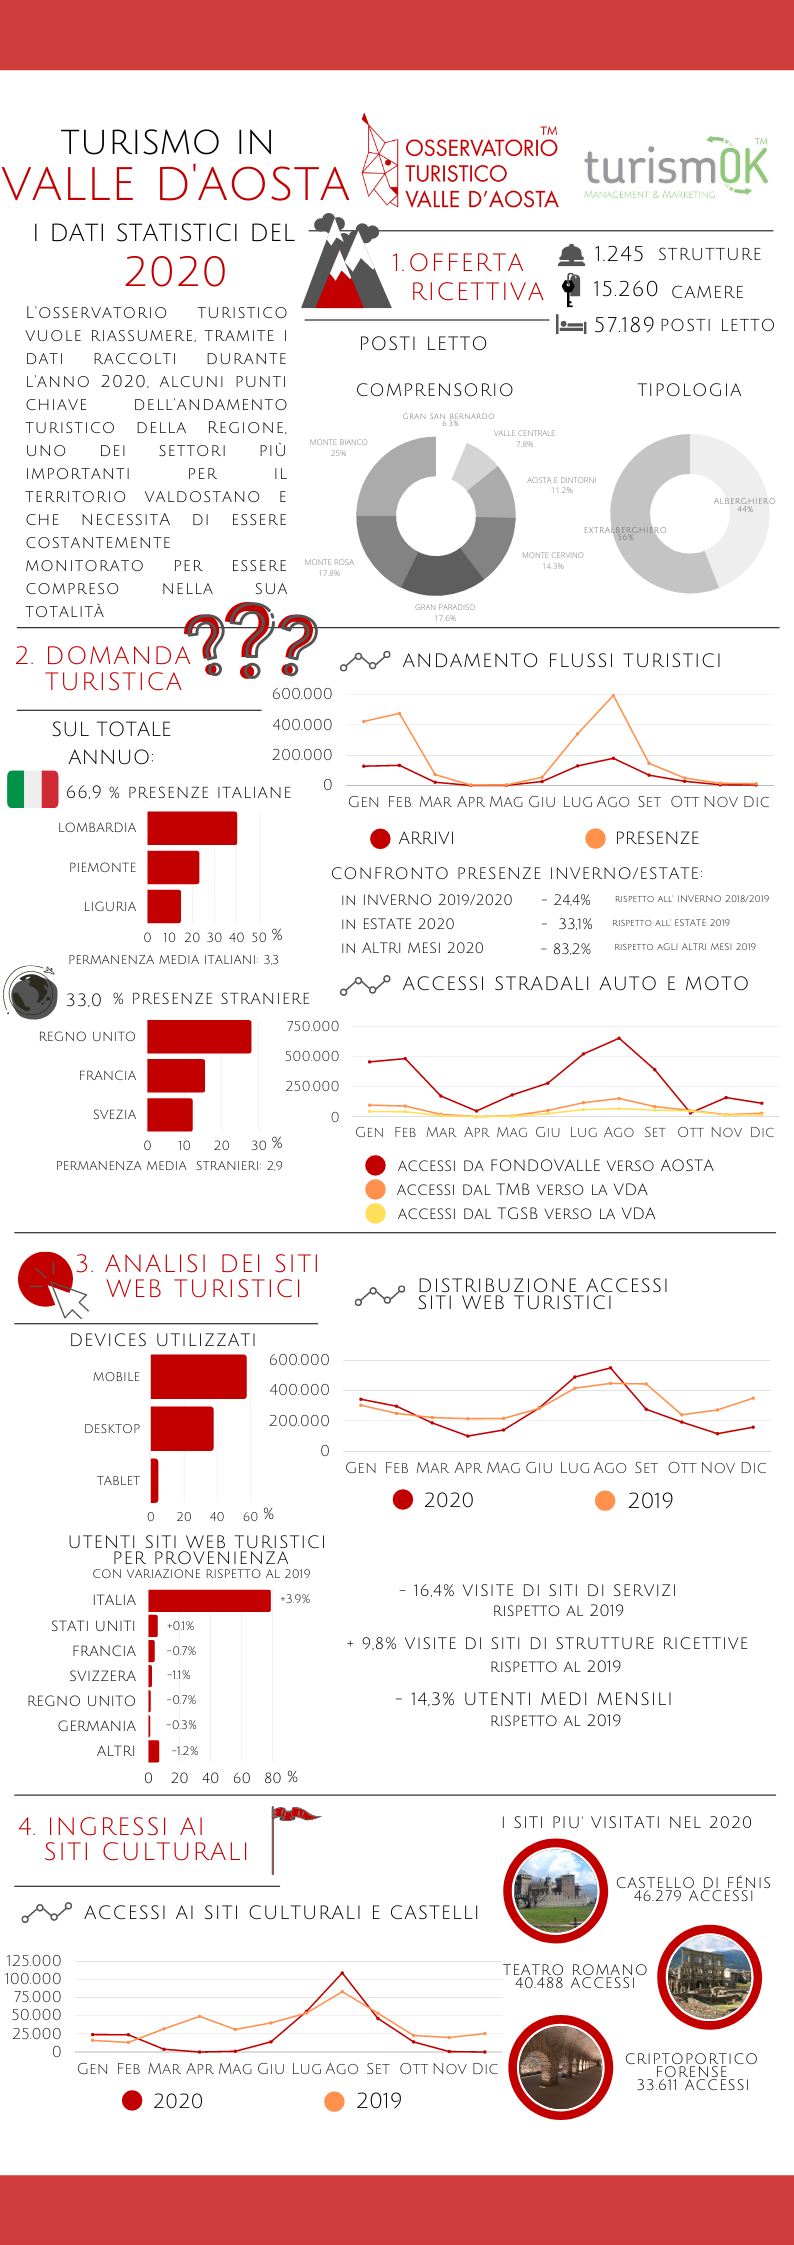 Turismo in Valle d'Aosta i dati turistici del 2020